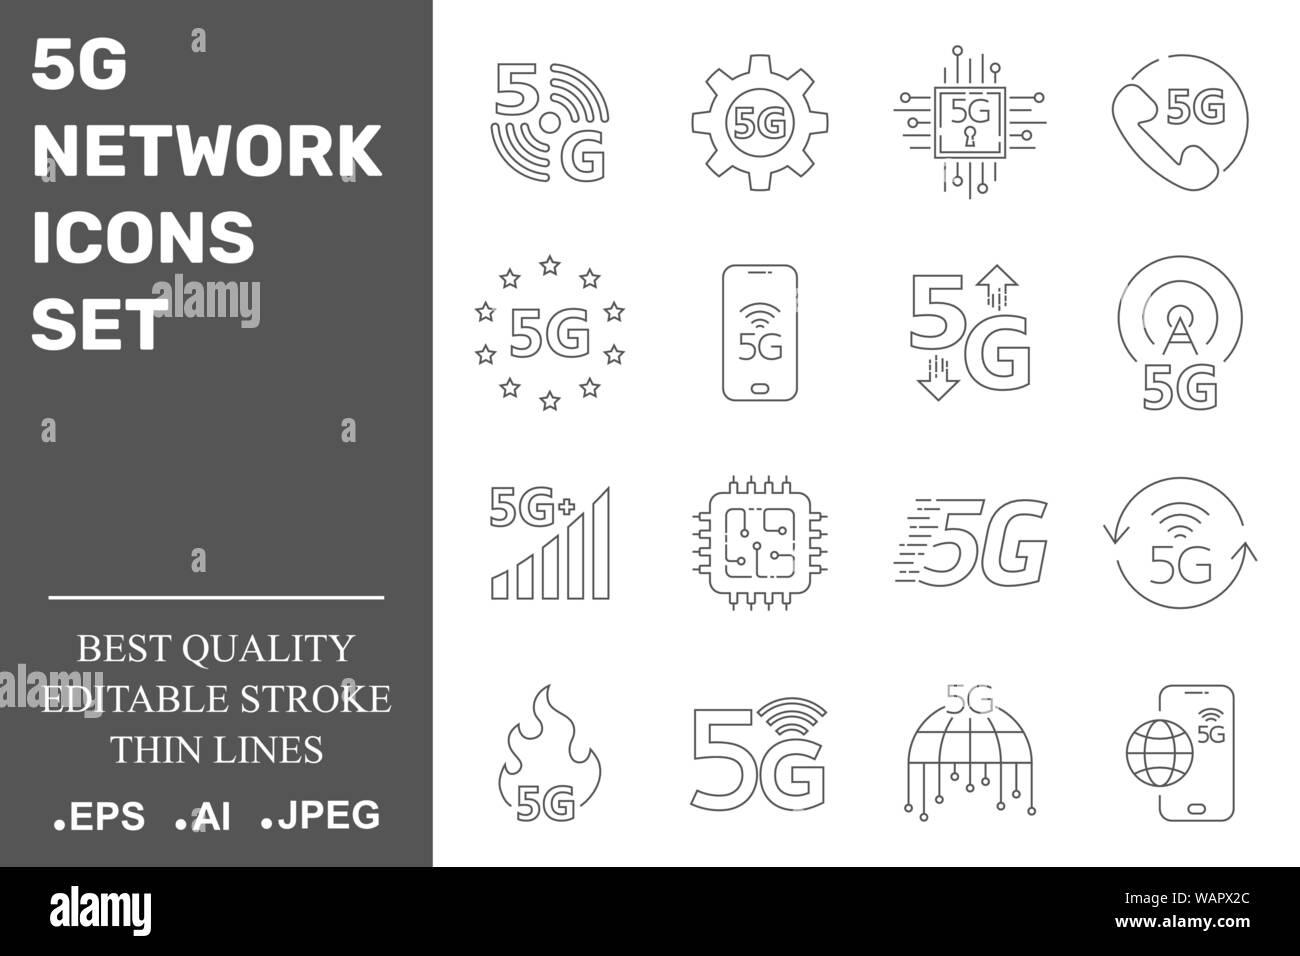 5G-Netzwerk Symbole gesetzt. 5G-Technologie. Editierbare Schlaganfall. EPS 10. Stock Vektor